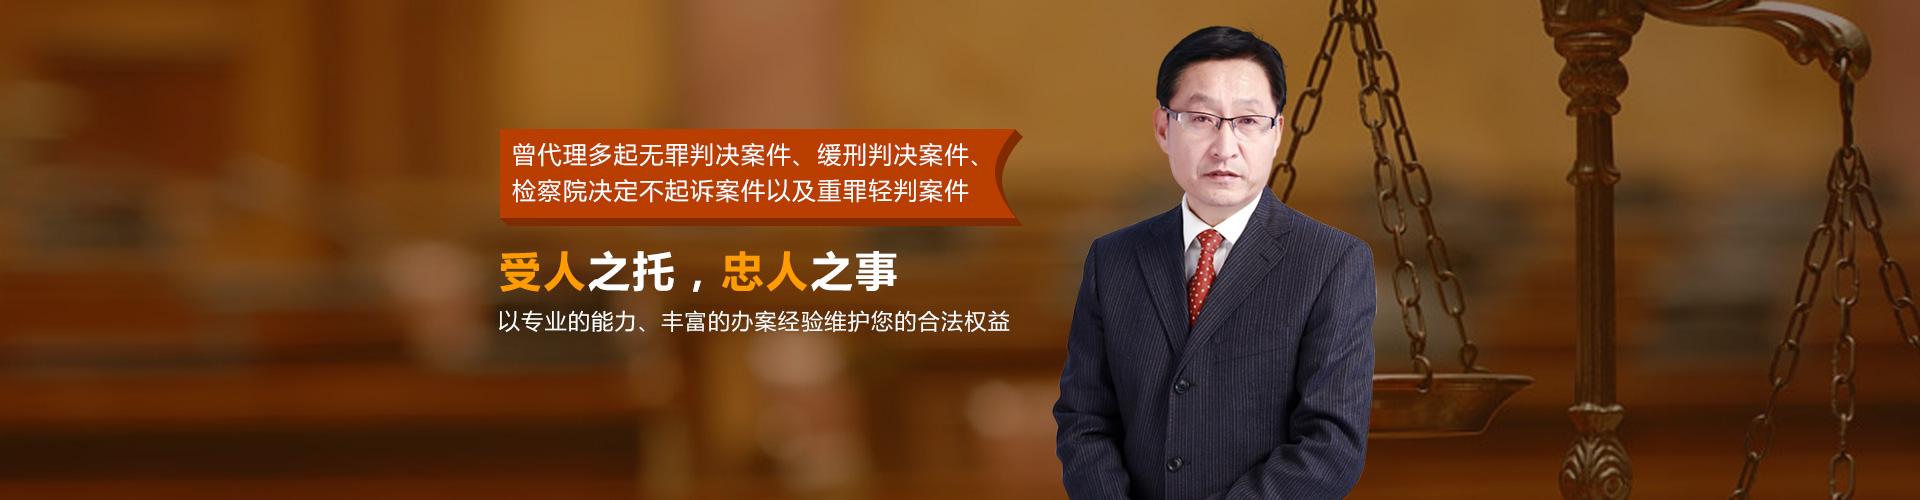 辽宁刘明顺律师